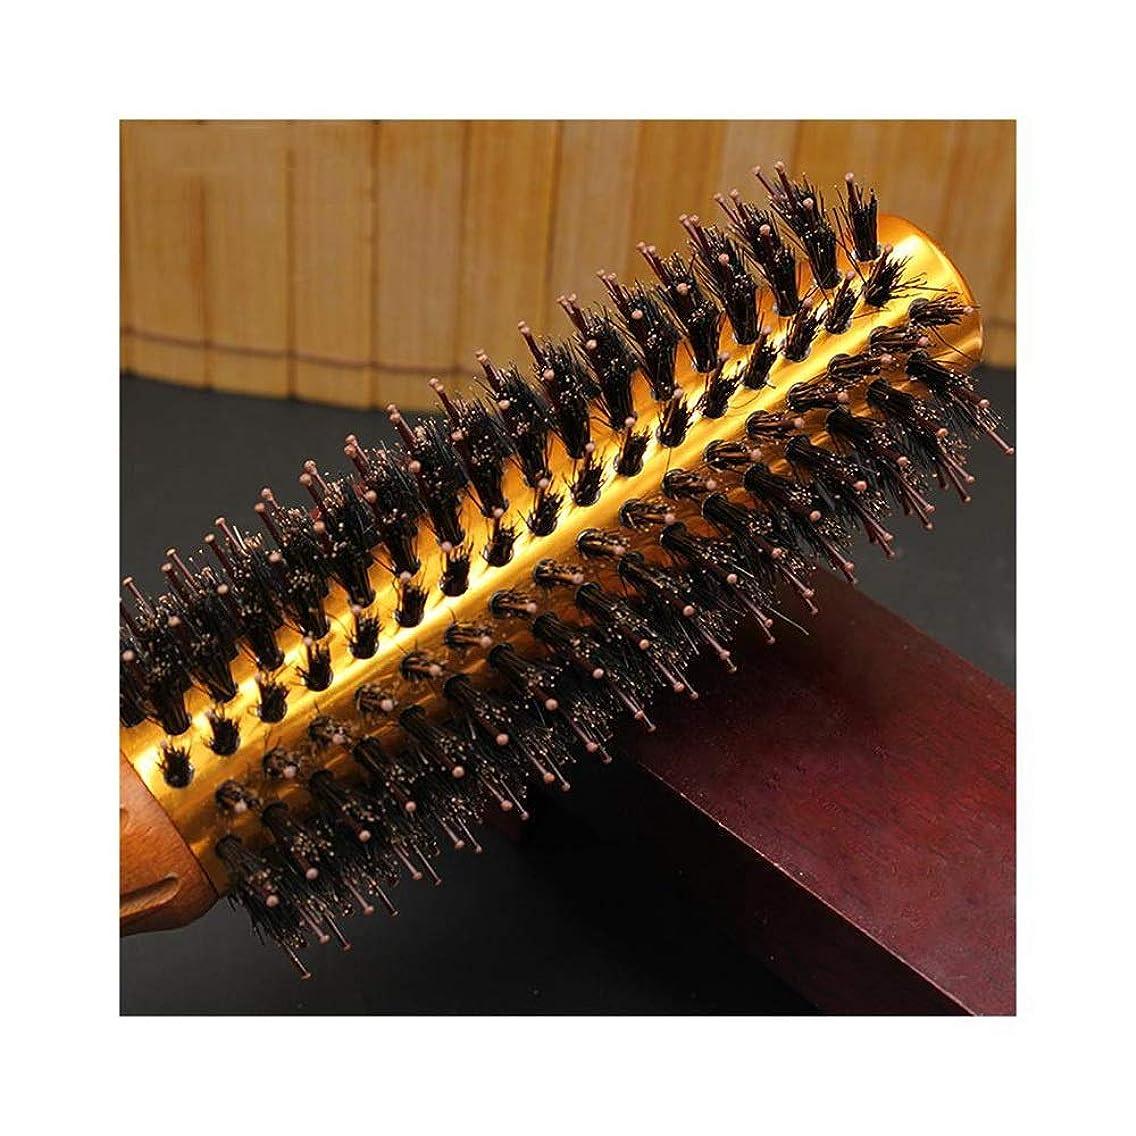 読みやすい予知トリプルWASAIO ヘアブラシブラシラウンドブロー乾燥自然毛スタイリング用ナイロンプロくし (サイズ : S)